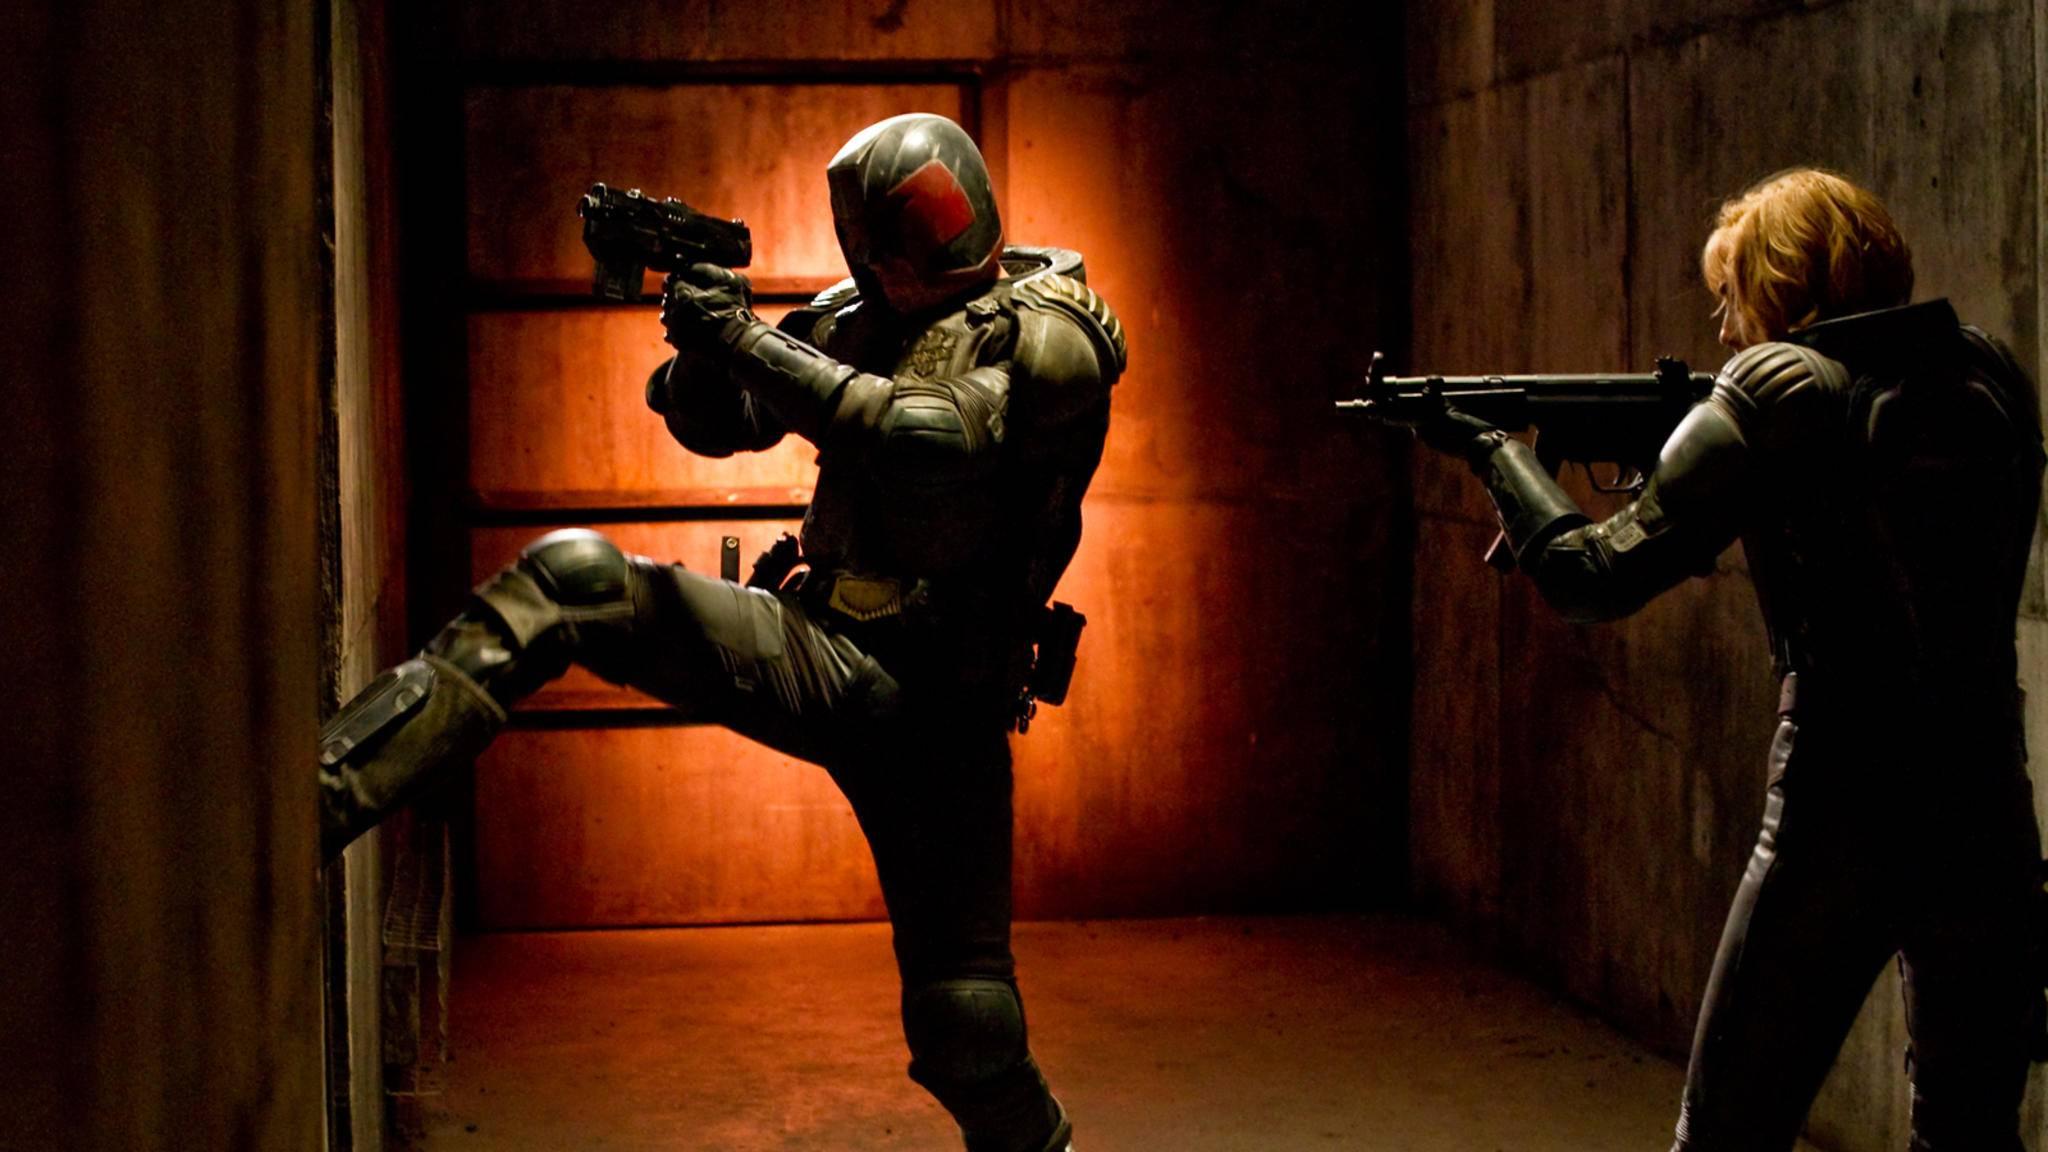 2012 wurde Karl Urban erstmals zu Judge Dredd. Nun soll er in der gleichnamigen Serie zurückkehren.